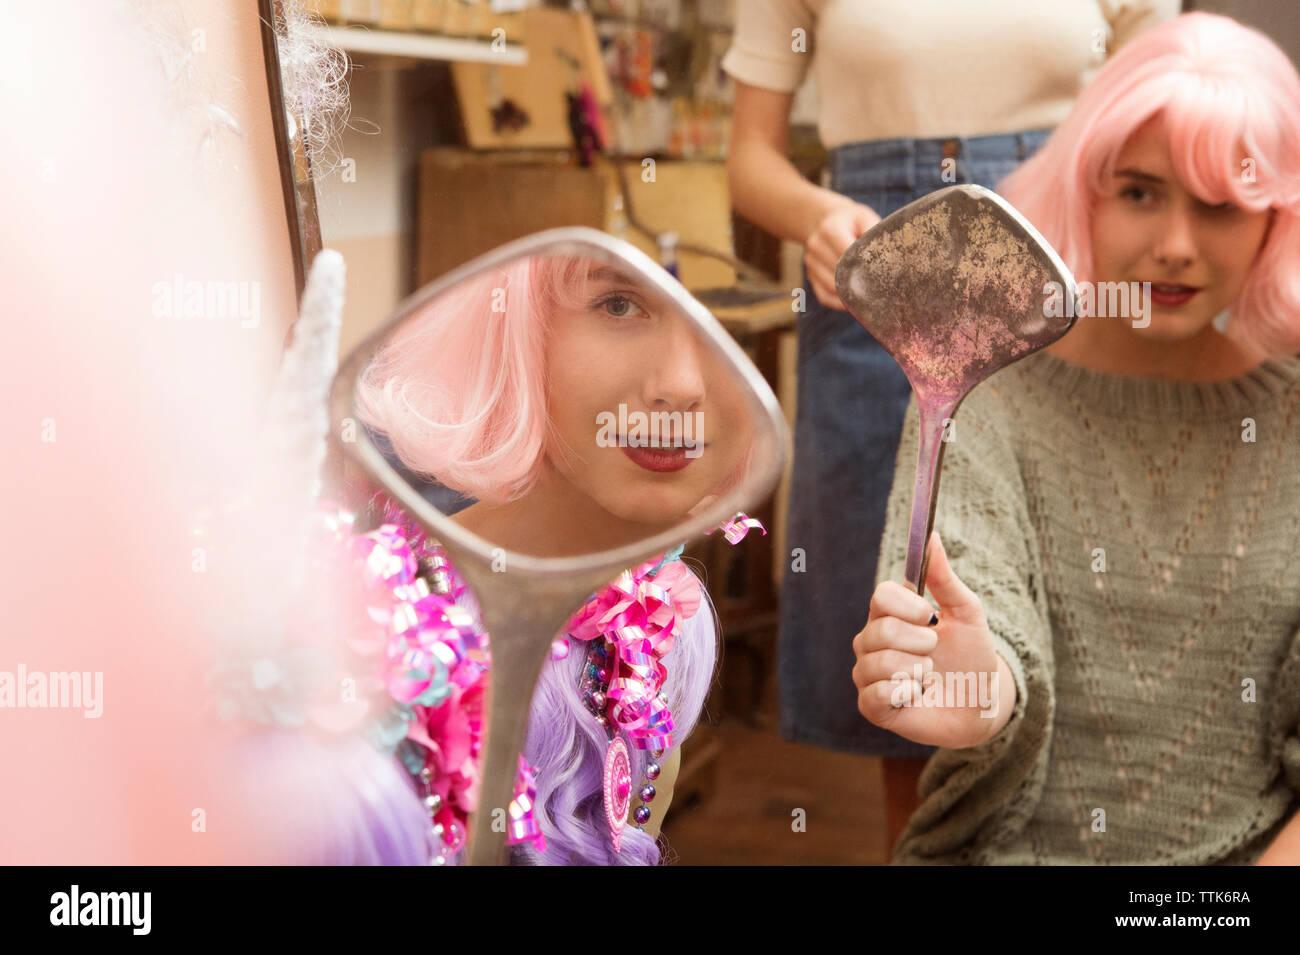 Donna che indossa parrucca rosa mentre guardando lo specchio a mano nel negozio di abbigliamento Immagini Stock